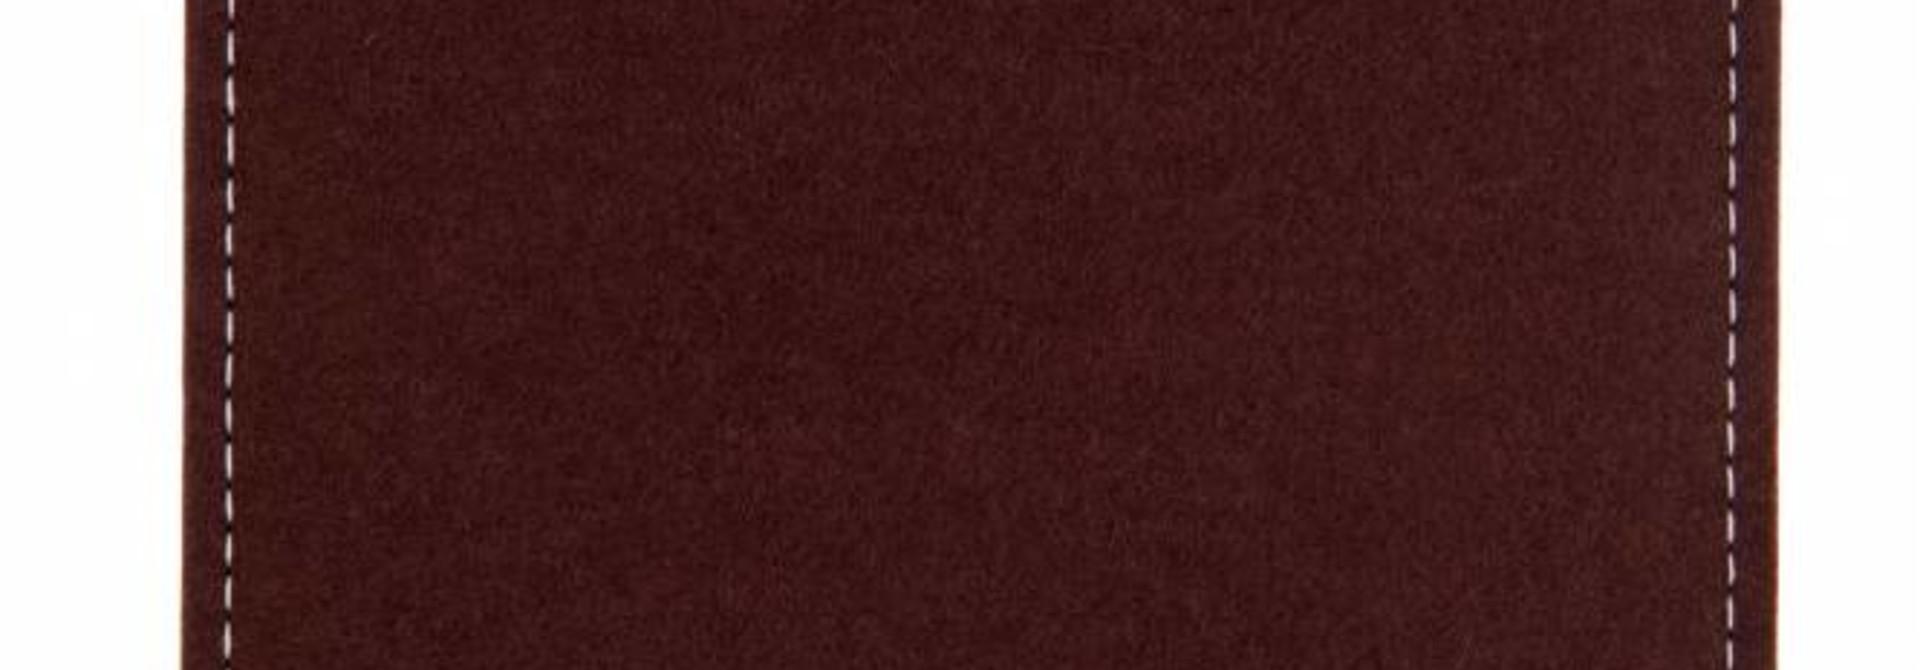 Intuos Sleeve Dark-Brown